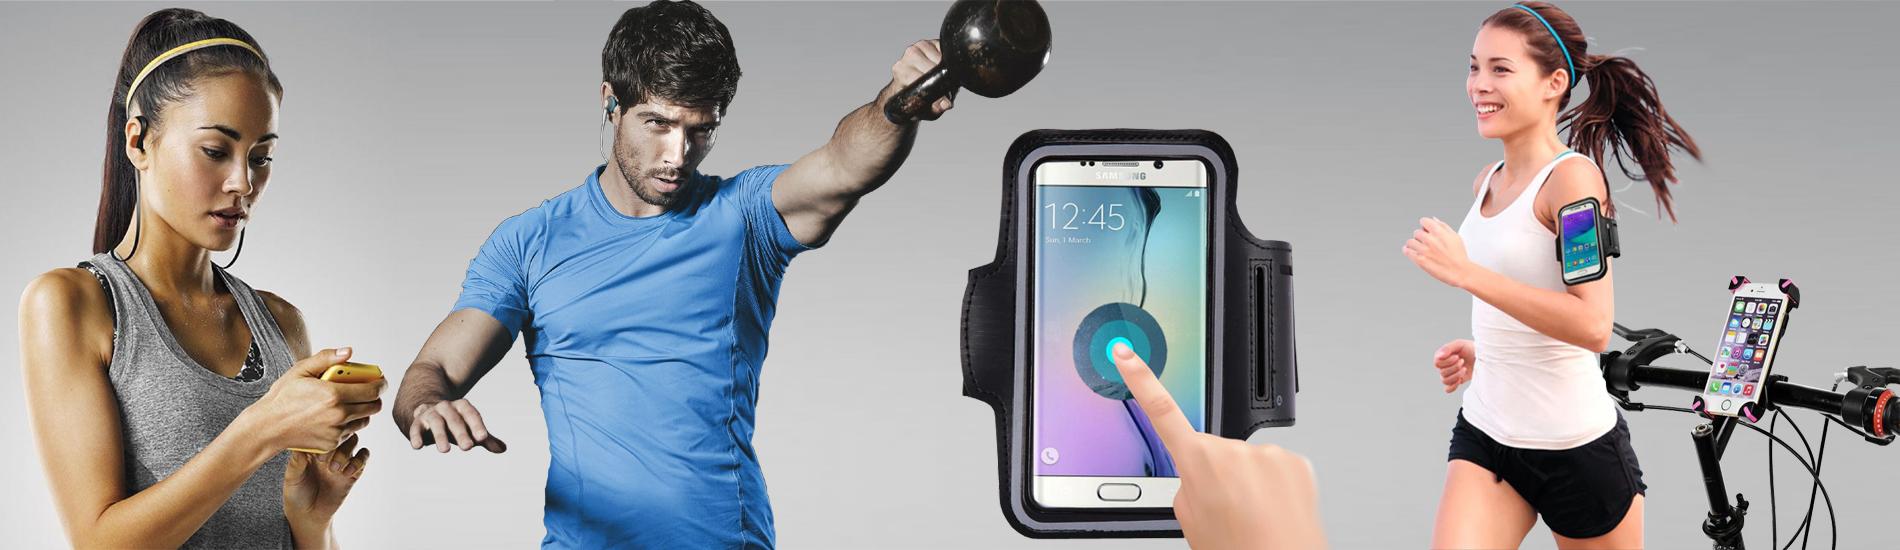 Mobiltelefon kiegészítők sportoláshoz, edzéshez, kerékpározáshoz